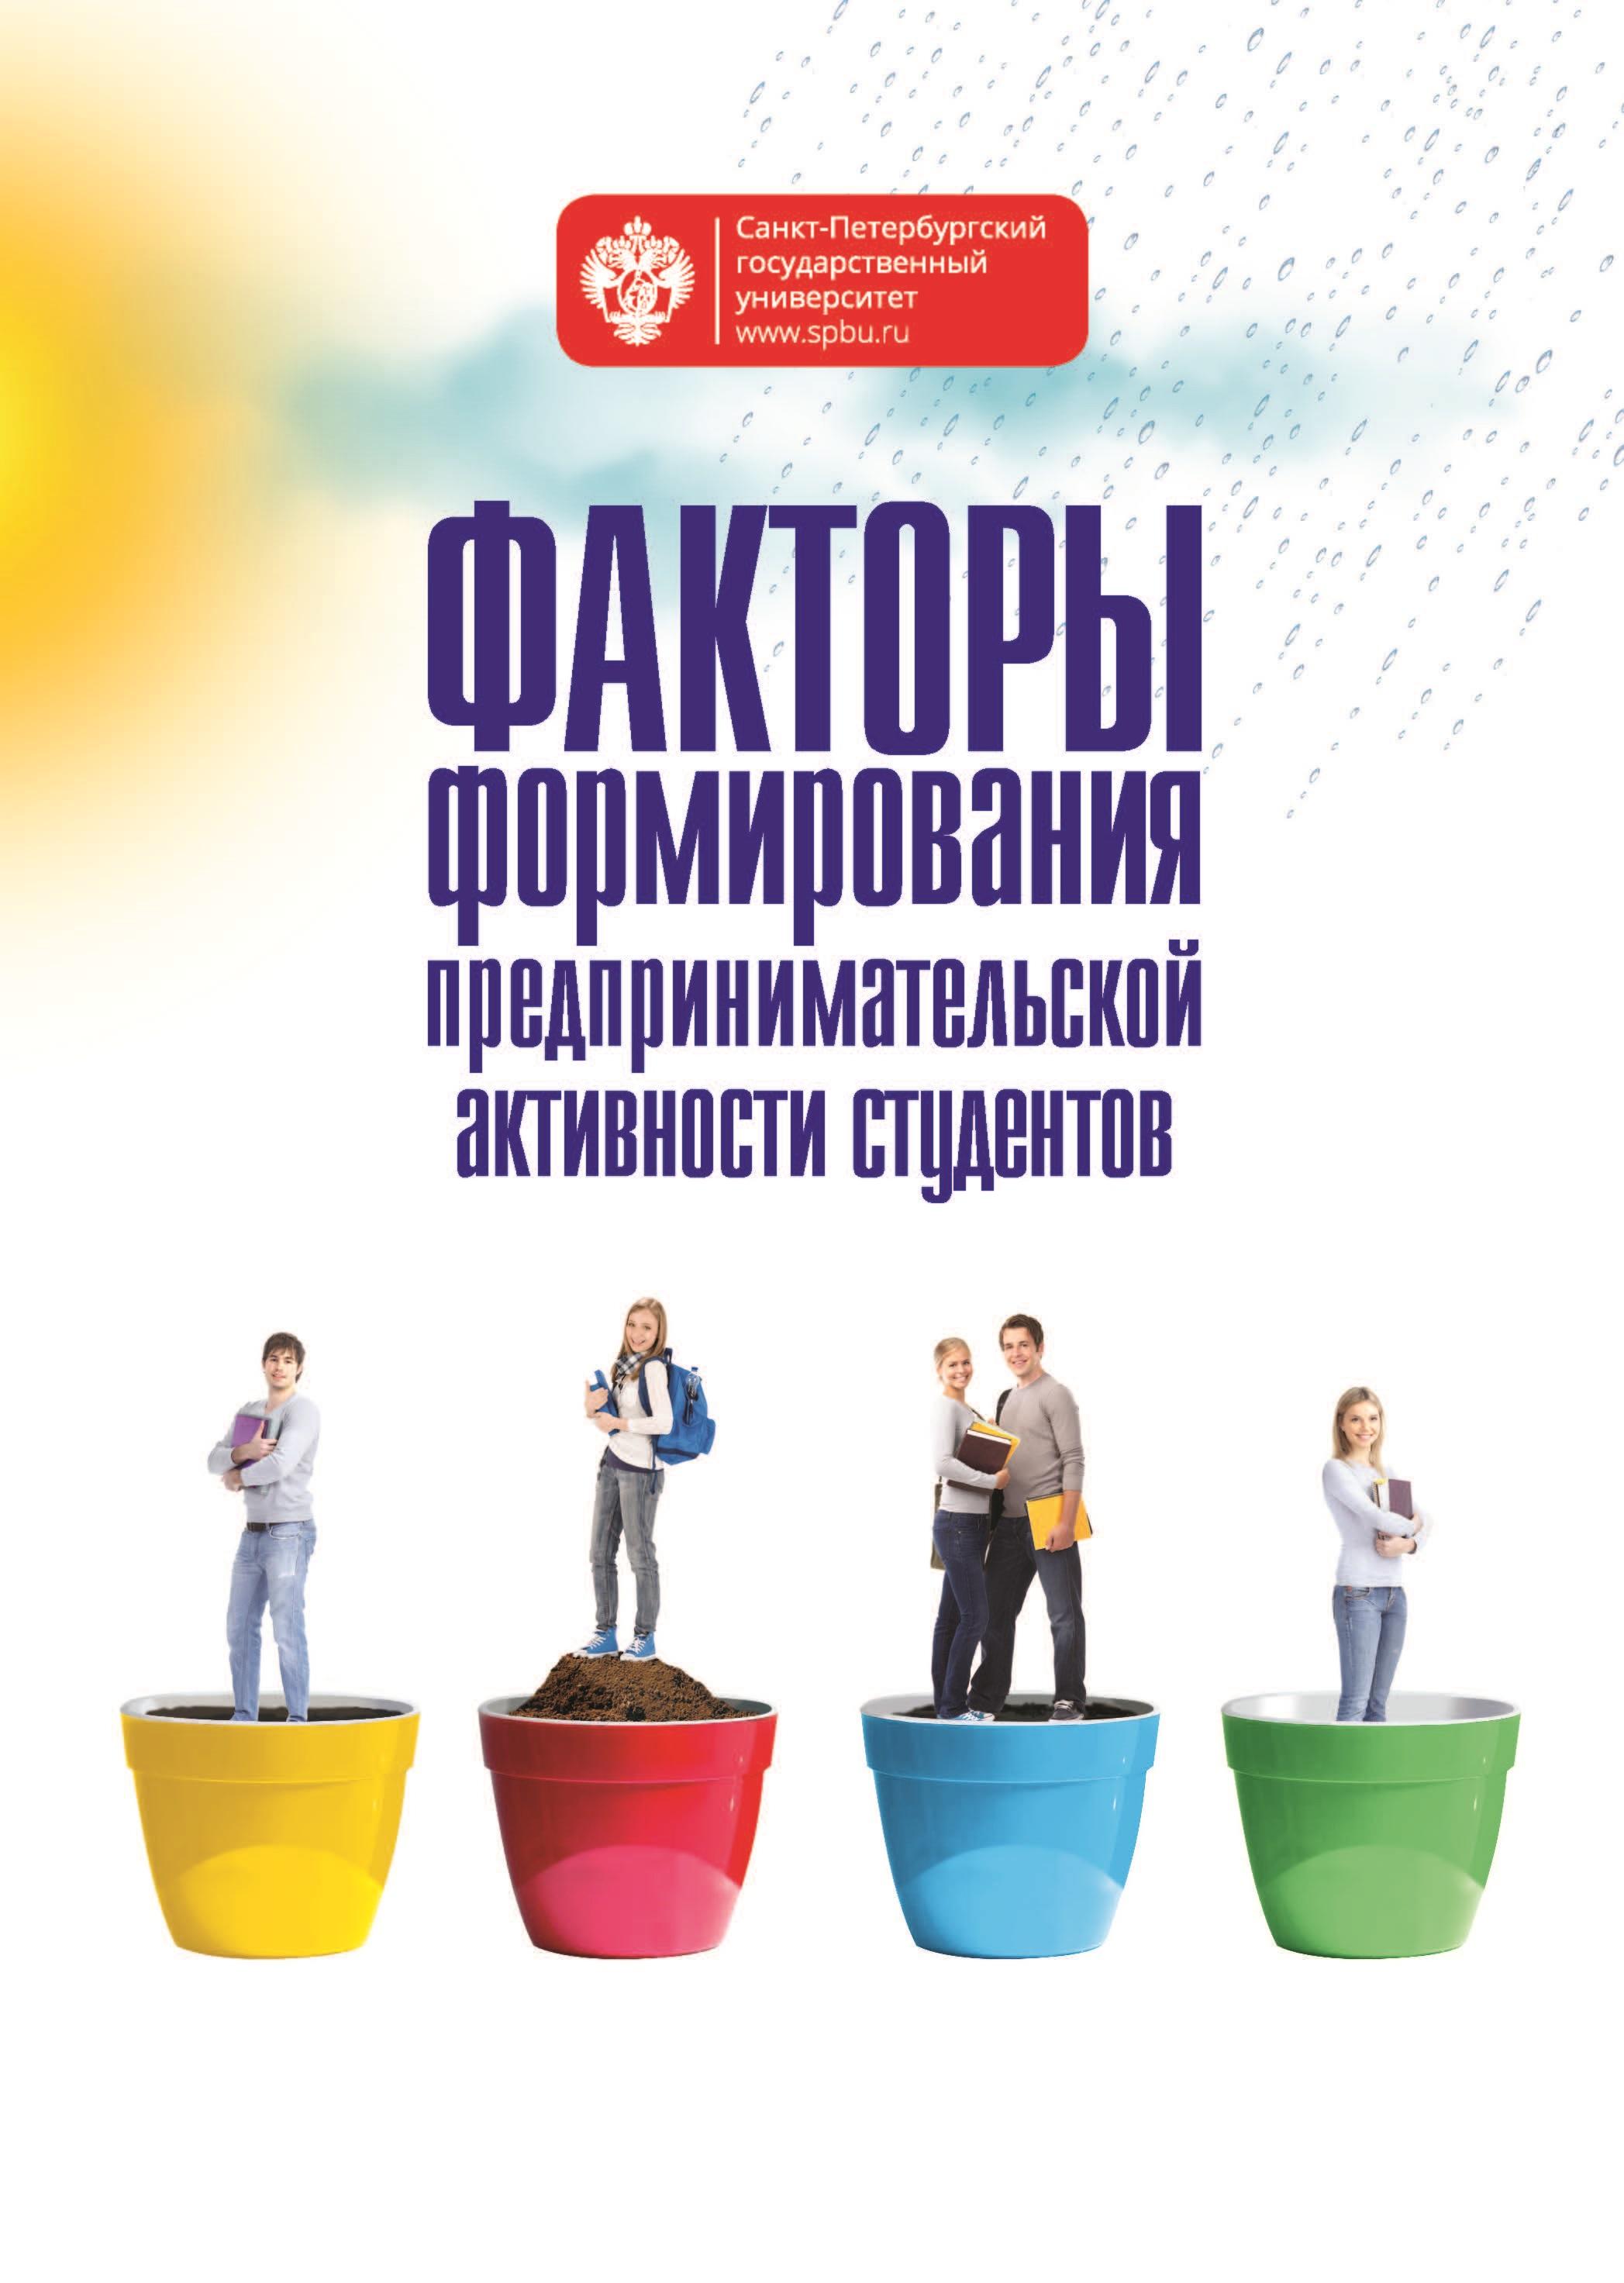 фото обложки издания Факторы формирования предпринимательской активности студентов